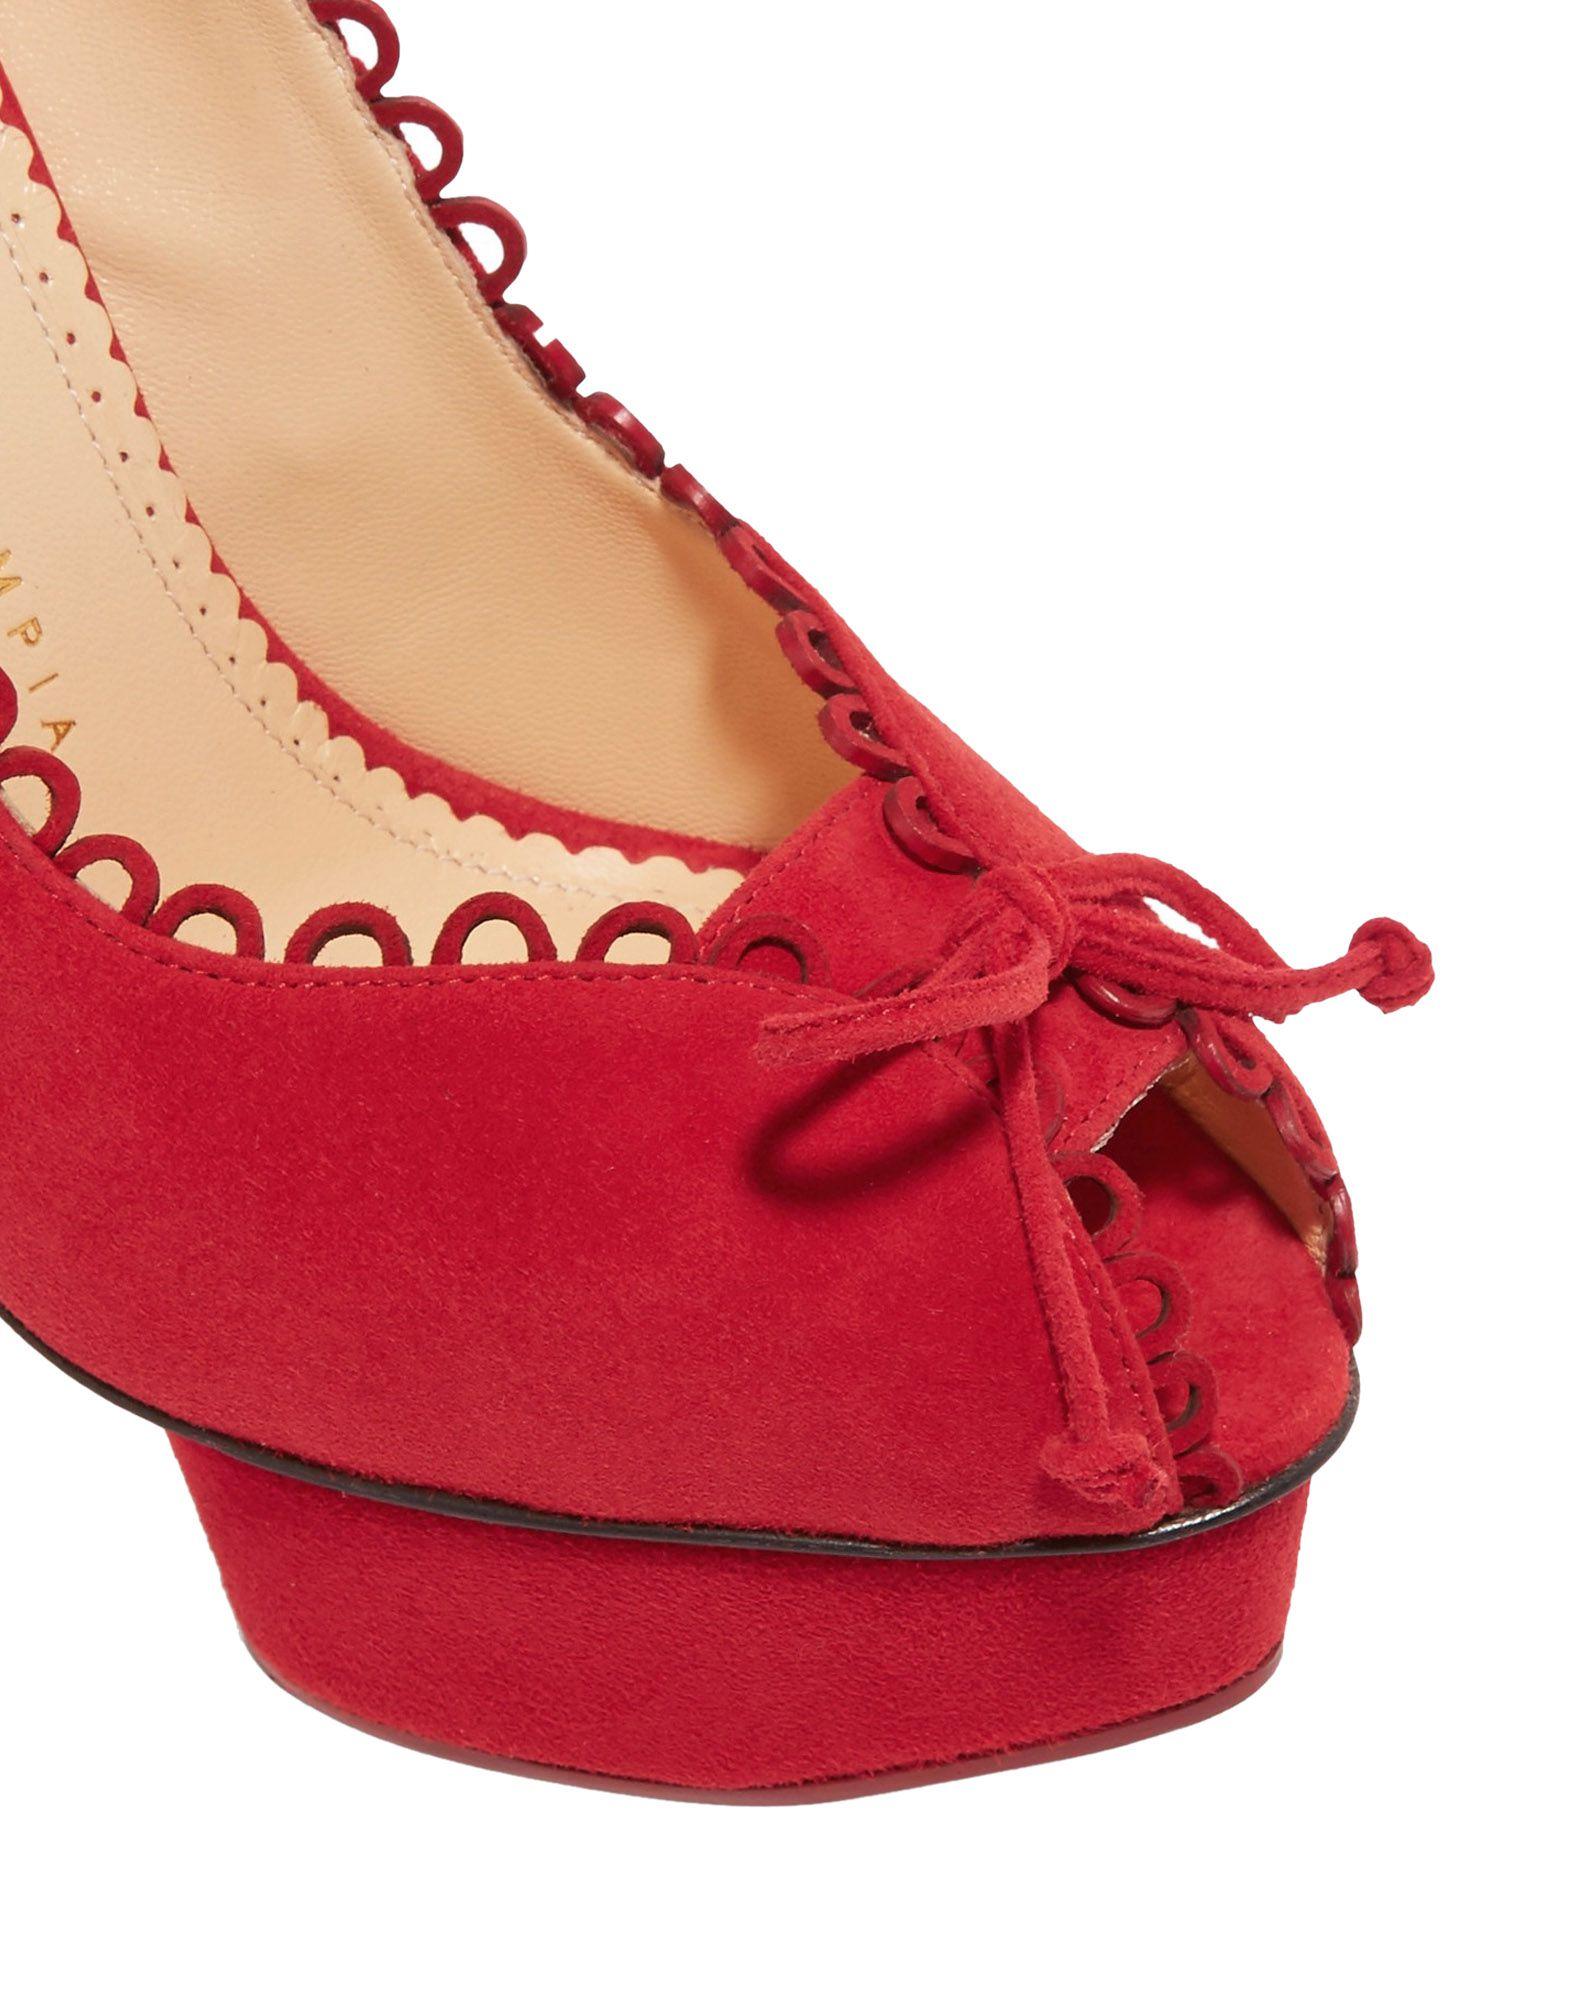 Charlotte Olympia Pumps Schuhe Damen  11529178UT Beliebte Schuhe Pumps e833d3